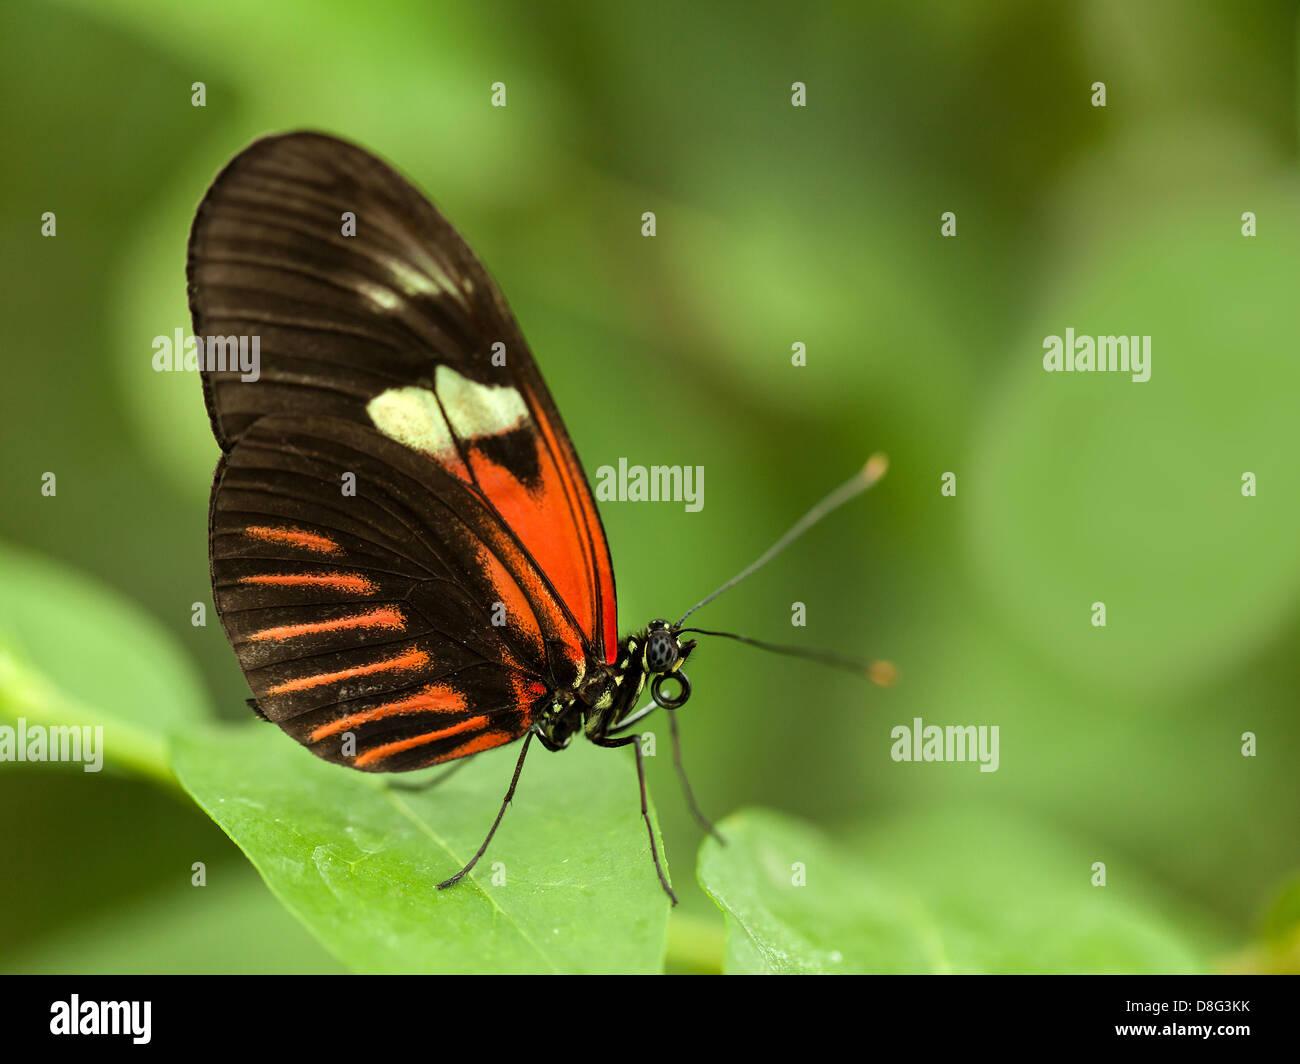 Tropical rosso, marrone e bianco butterfly poggiante su foglie verdi Immagini Stock